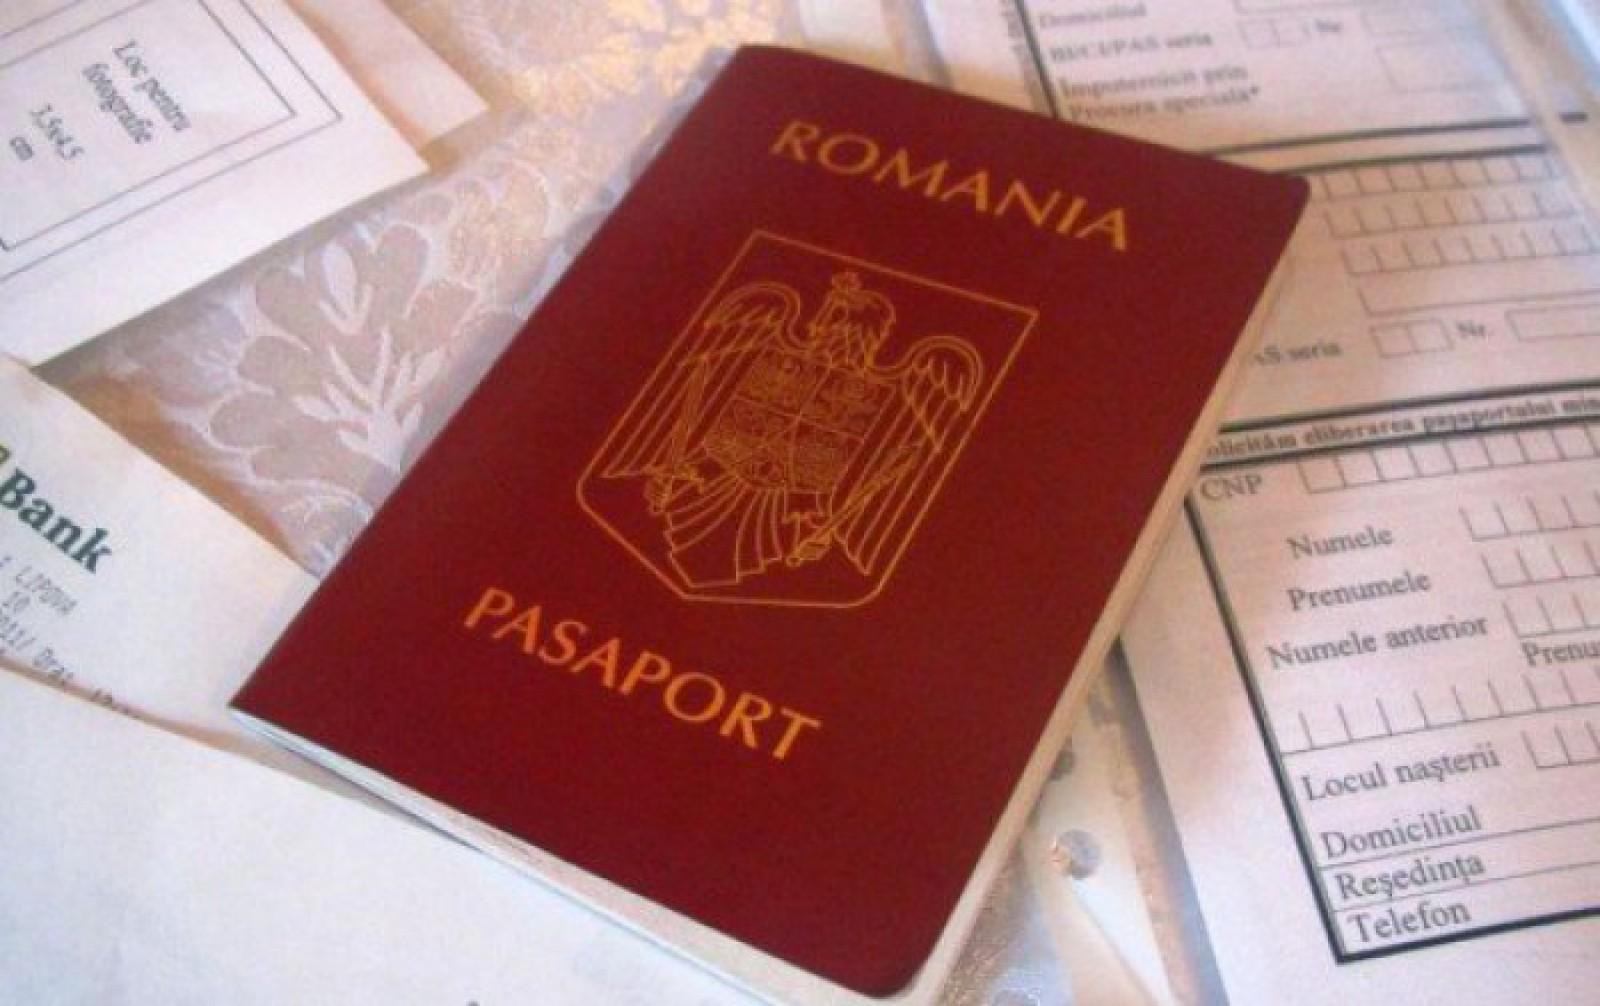 Important: Toate serviciile consulare la Ambasada României la Chișinău vor fi prestate doar  pe bază de programare prealabilă